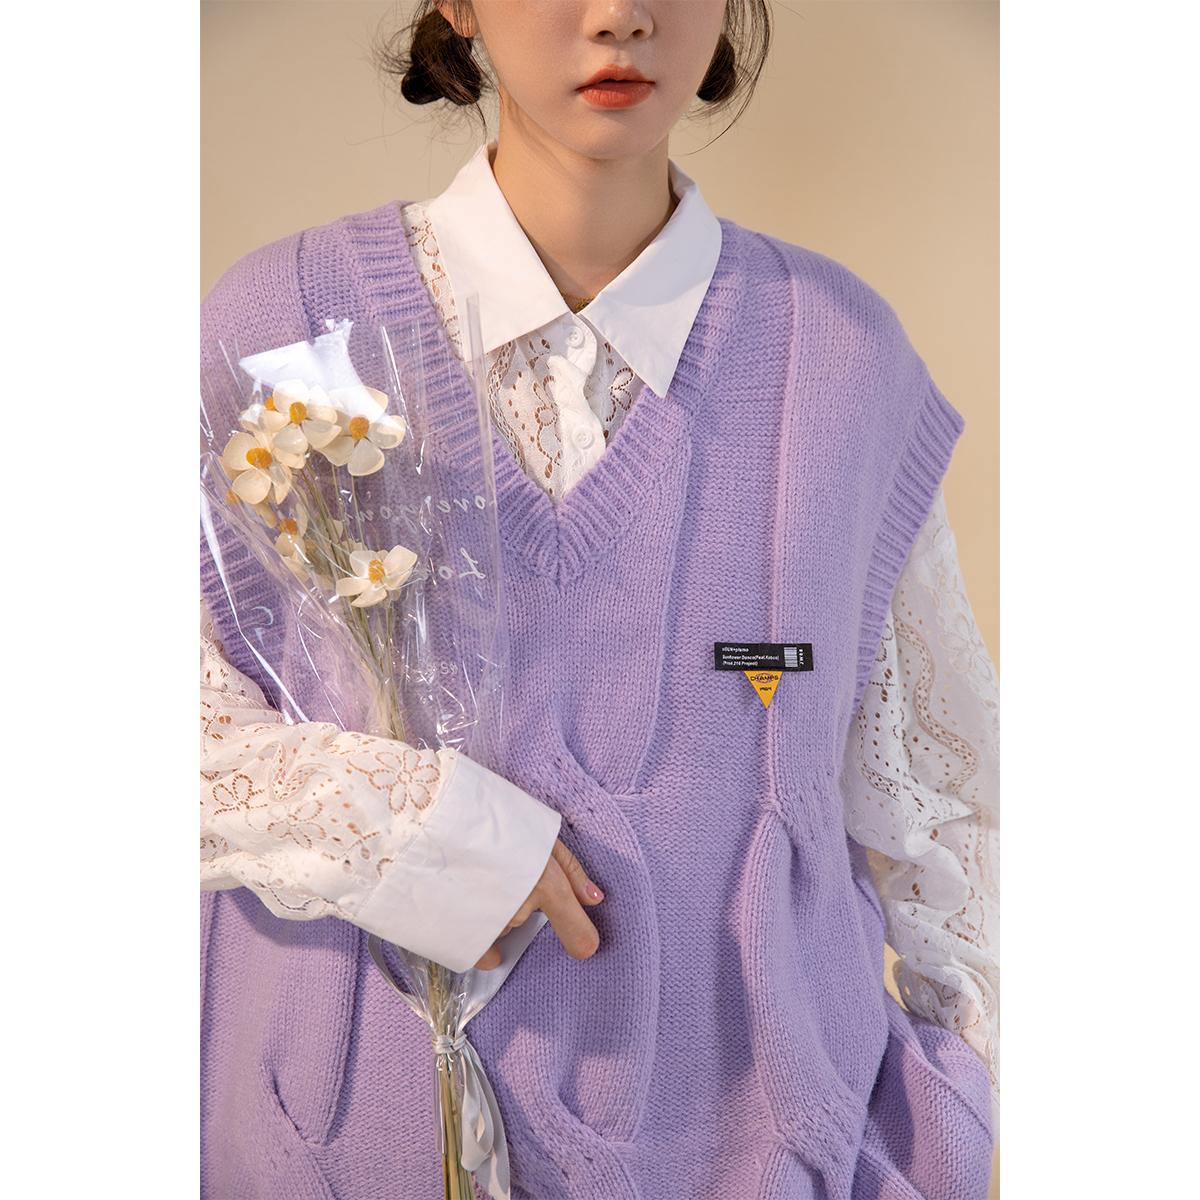 紫色马甲 UBUIE干鱼 紫色复古针织衫马甲女秋冬设计感初秋叠穿外搭背心毛衣_推荐淘宝好看的紫色马甲